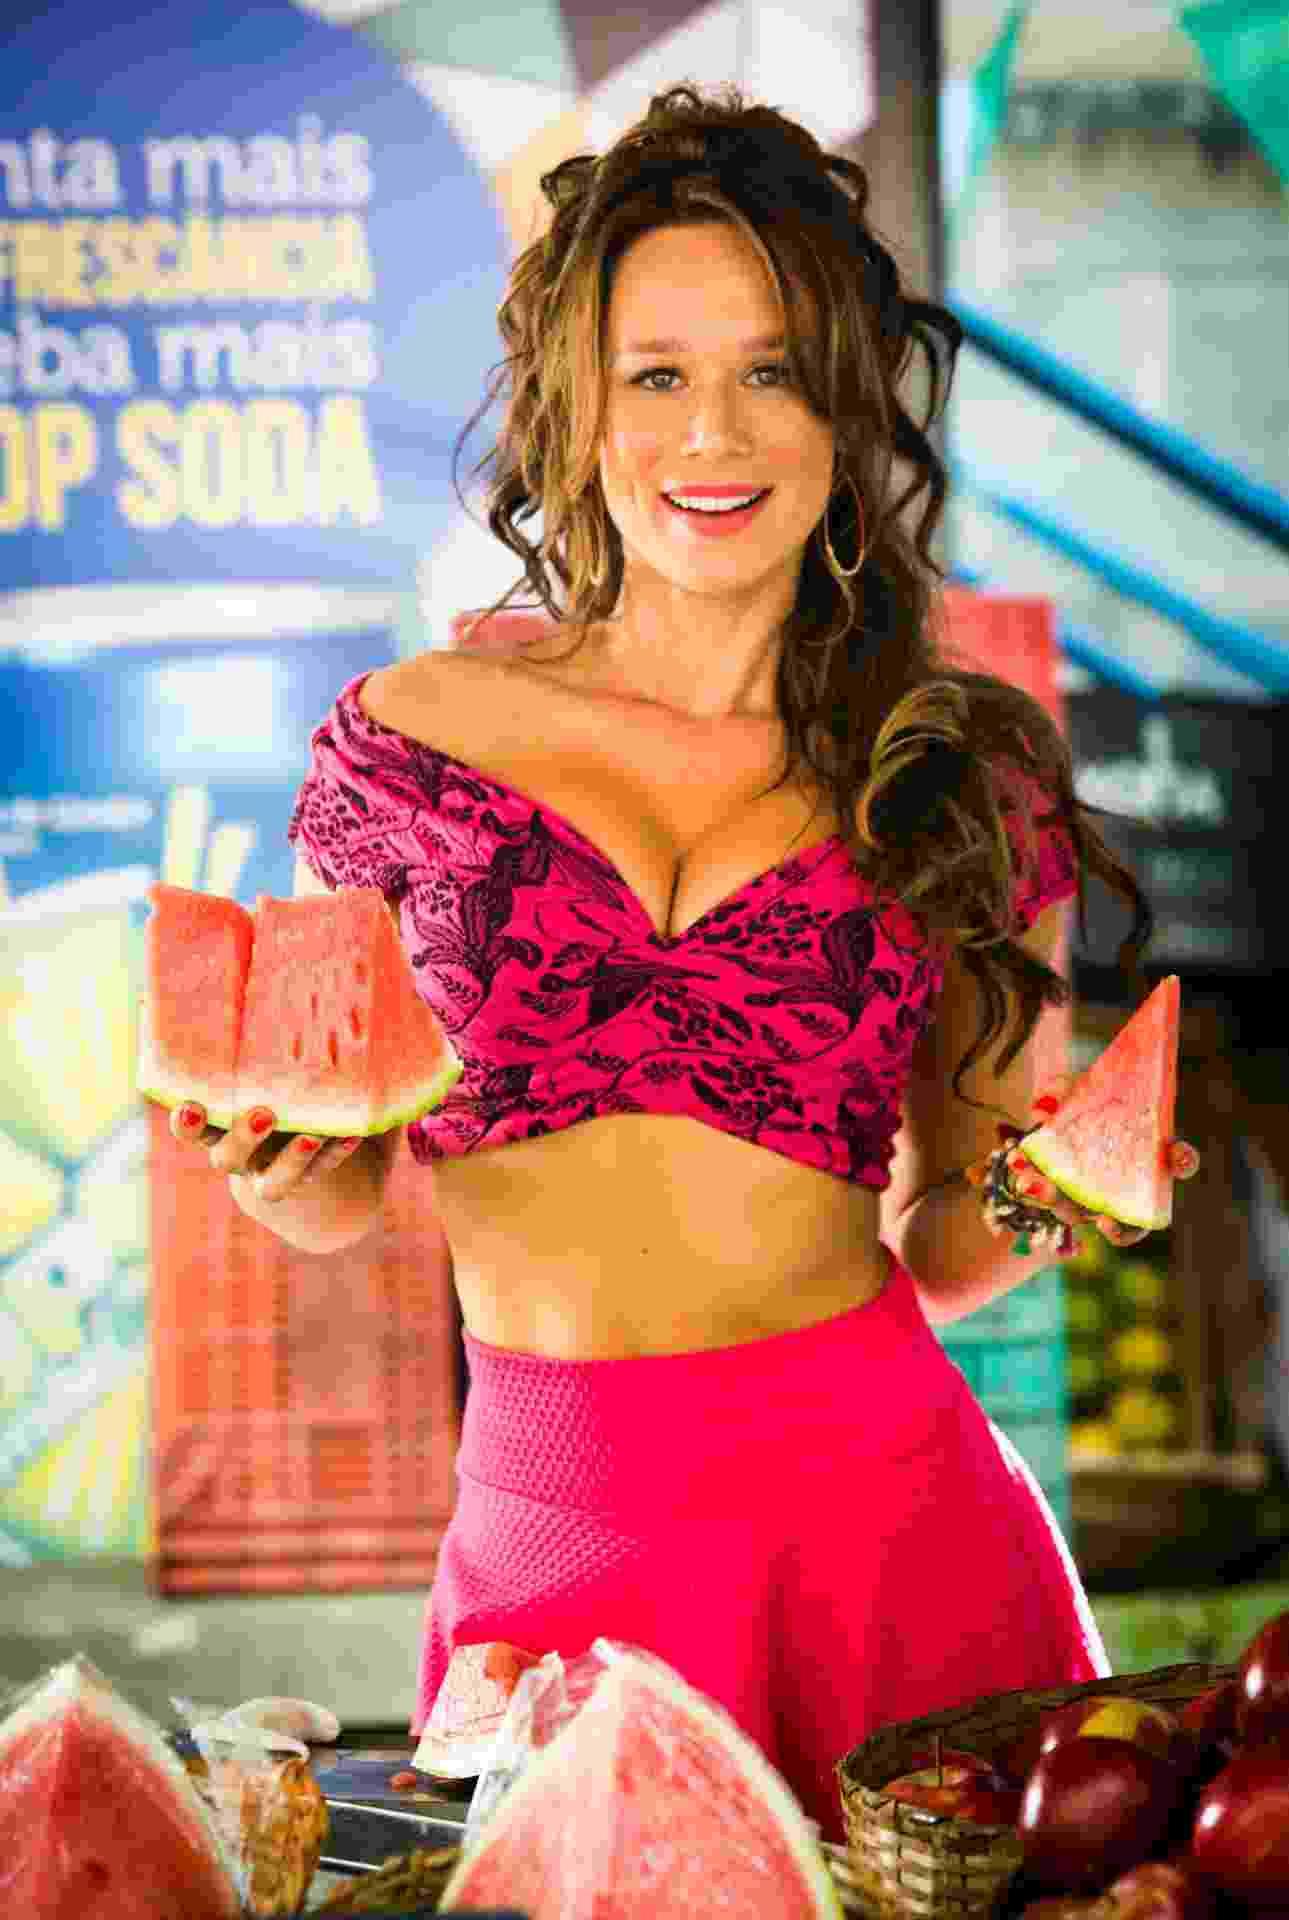 """Tancinha (Mariana Ximenes) - Extrovertida, a filha de Francesca (Marisa Orth) é dedicada à família e muito trabalhadora. Chama a atenção seu sotaque """"italianado"""", que aprendeu com a avó, quando morou no interior - João Miguel Júnior/TV Globo"""